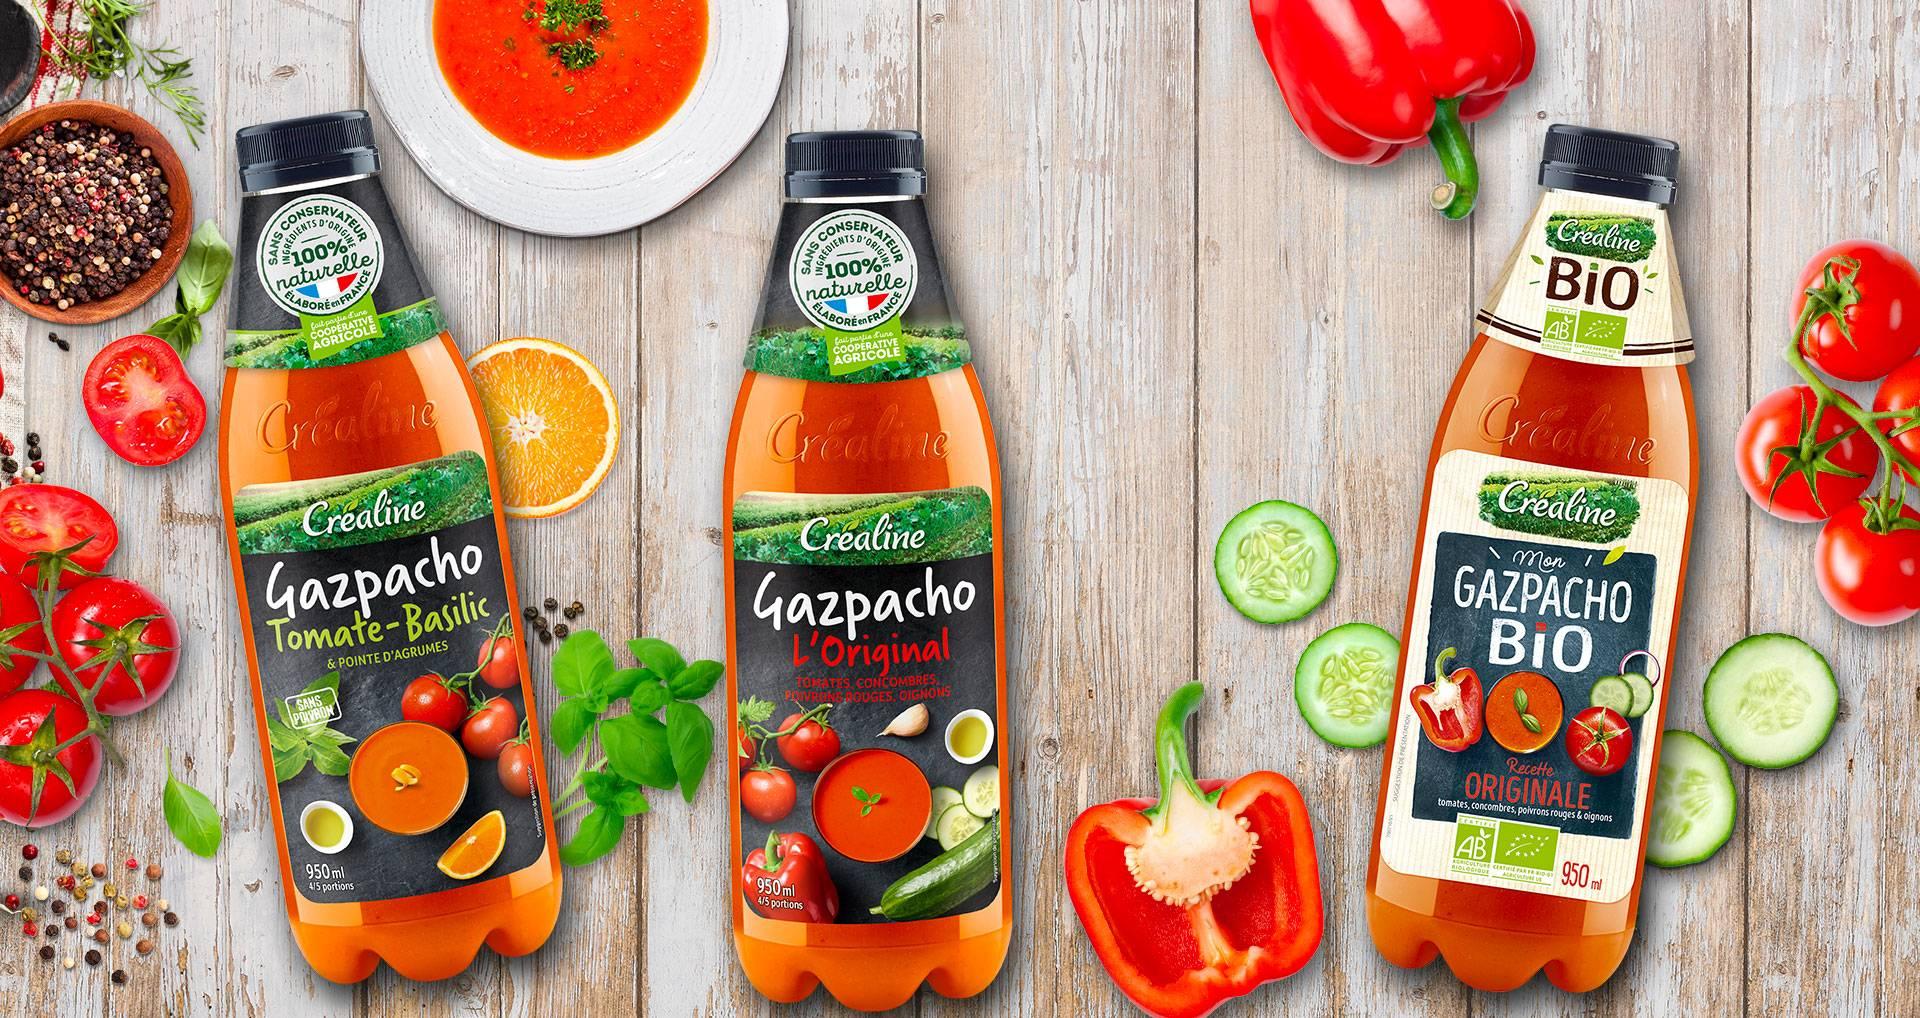 Les gazpachos Créaline : de savoureuses recettes de gazpachos rafraîchissantes